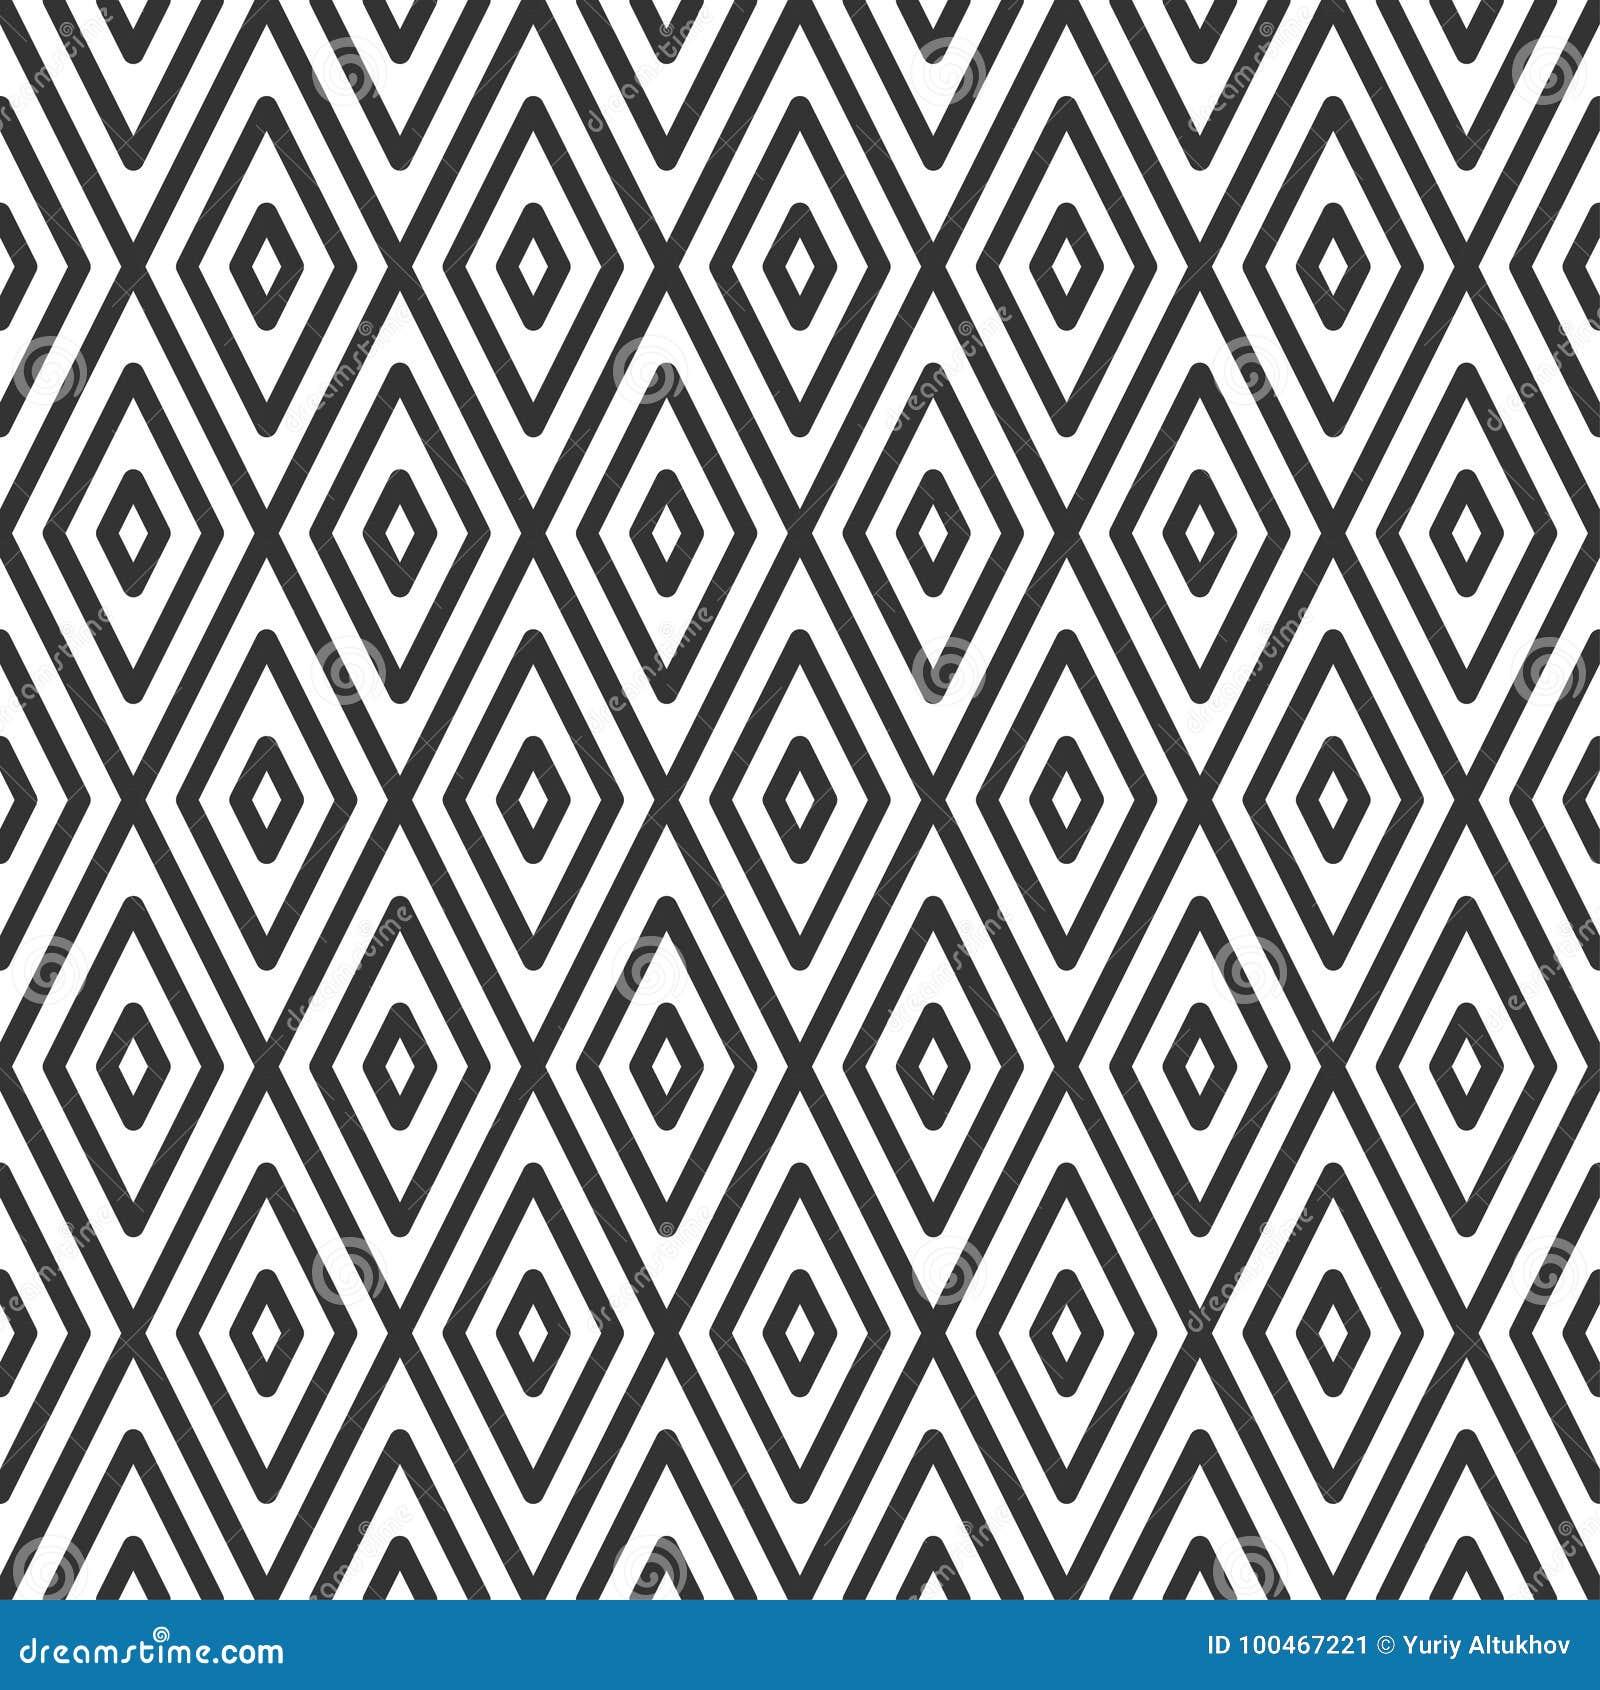 7022262cd69c65 Ruitvormige Tegel Geometrisch Naadloos Patroon Vector Illustratie ...